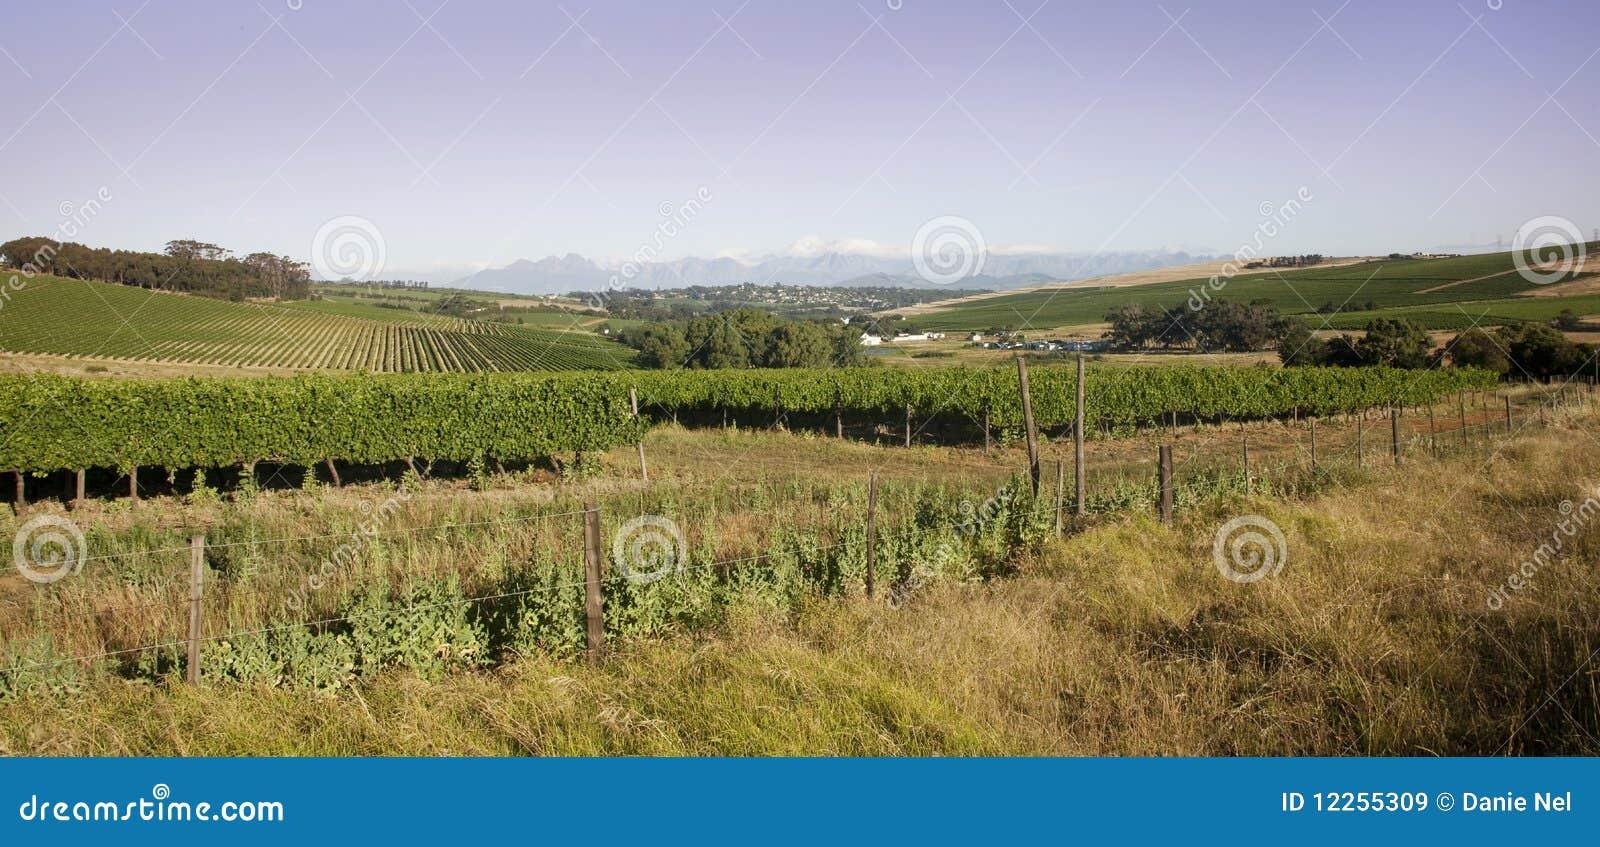 Durbanville Winelands